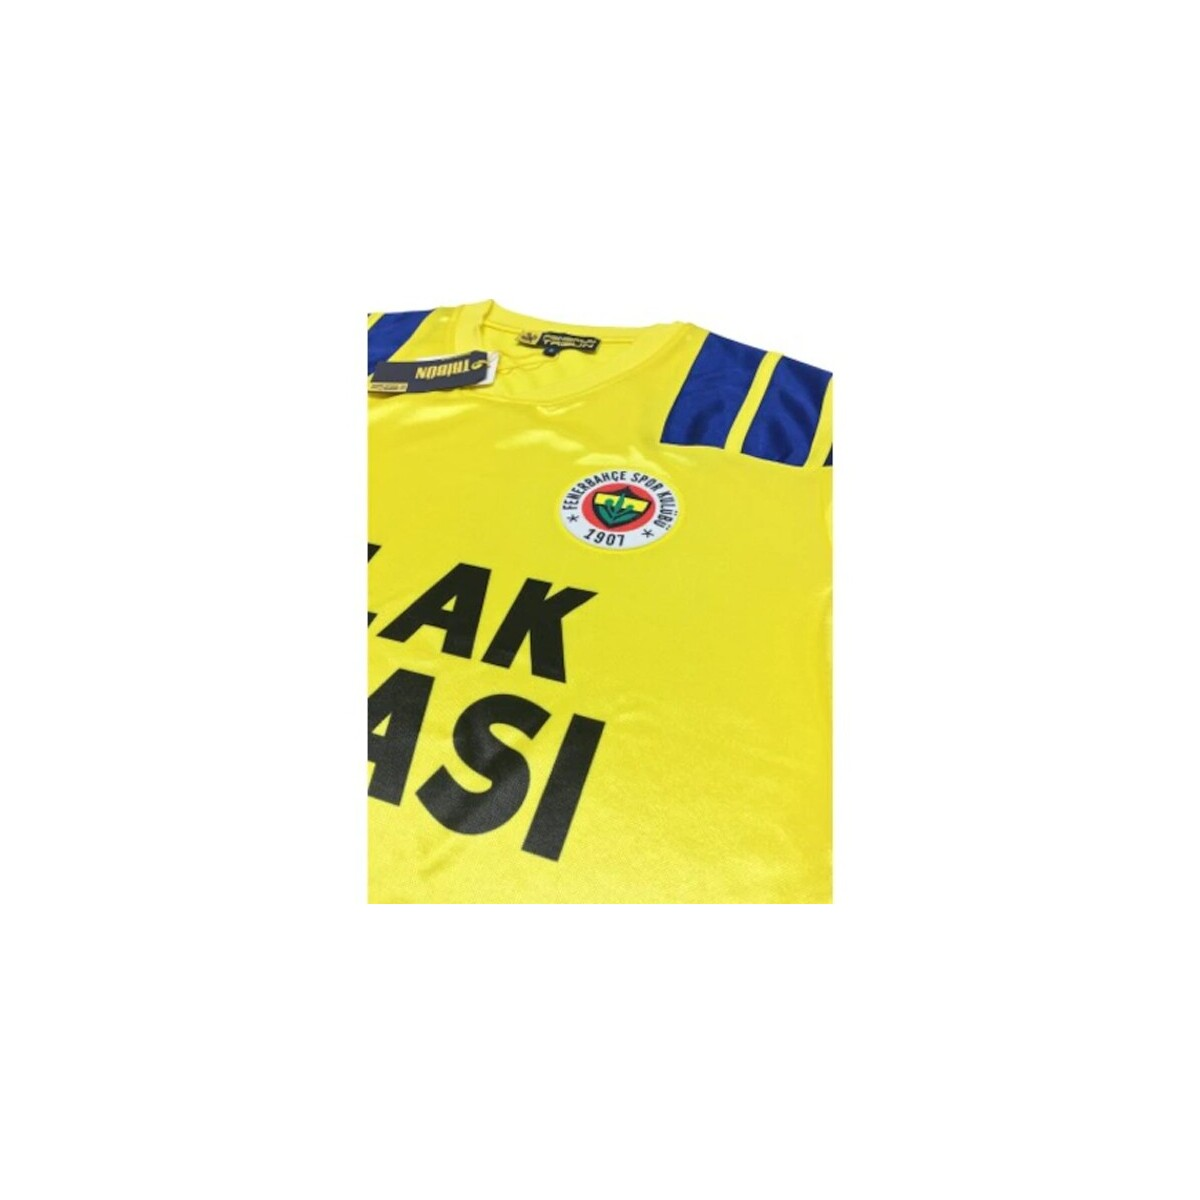 Fenerbahçe Forma Nostalji Efsane Sarı Retro Forması